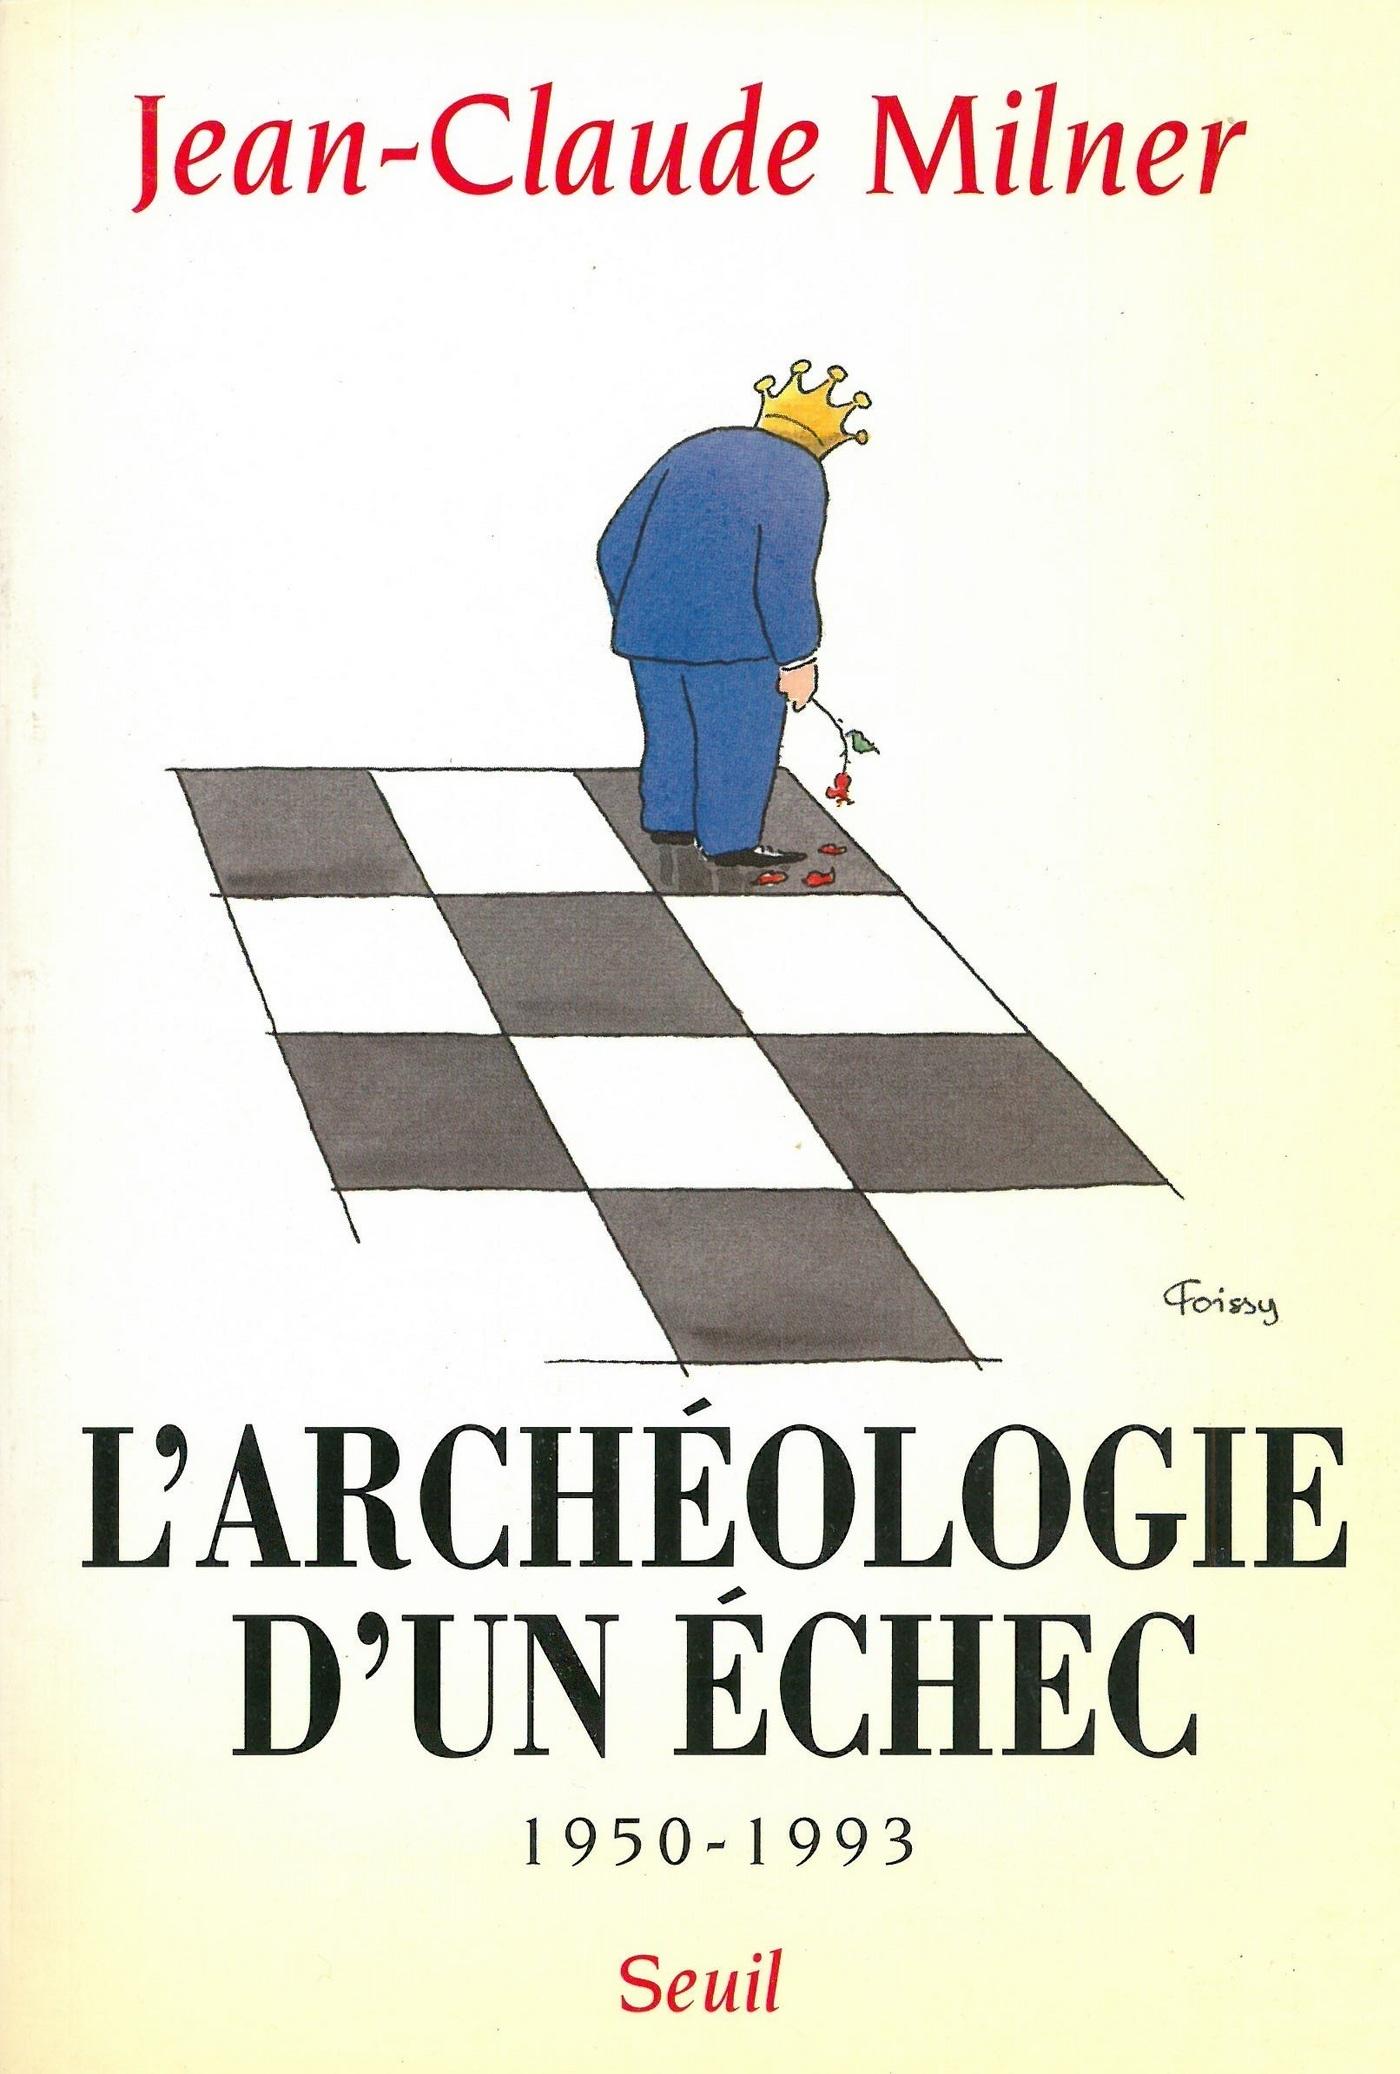 L'archéologie d'un échec (1950-1993)